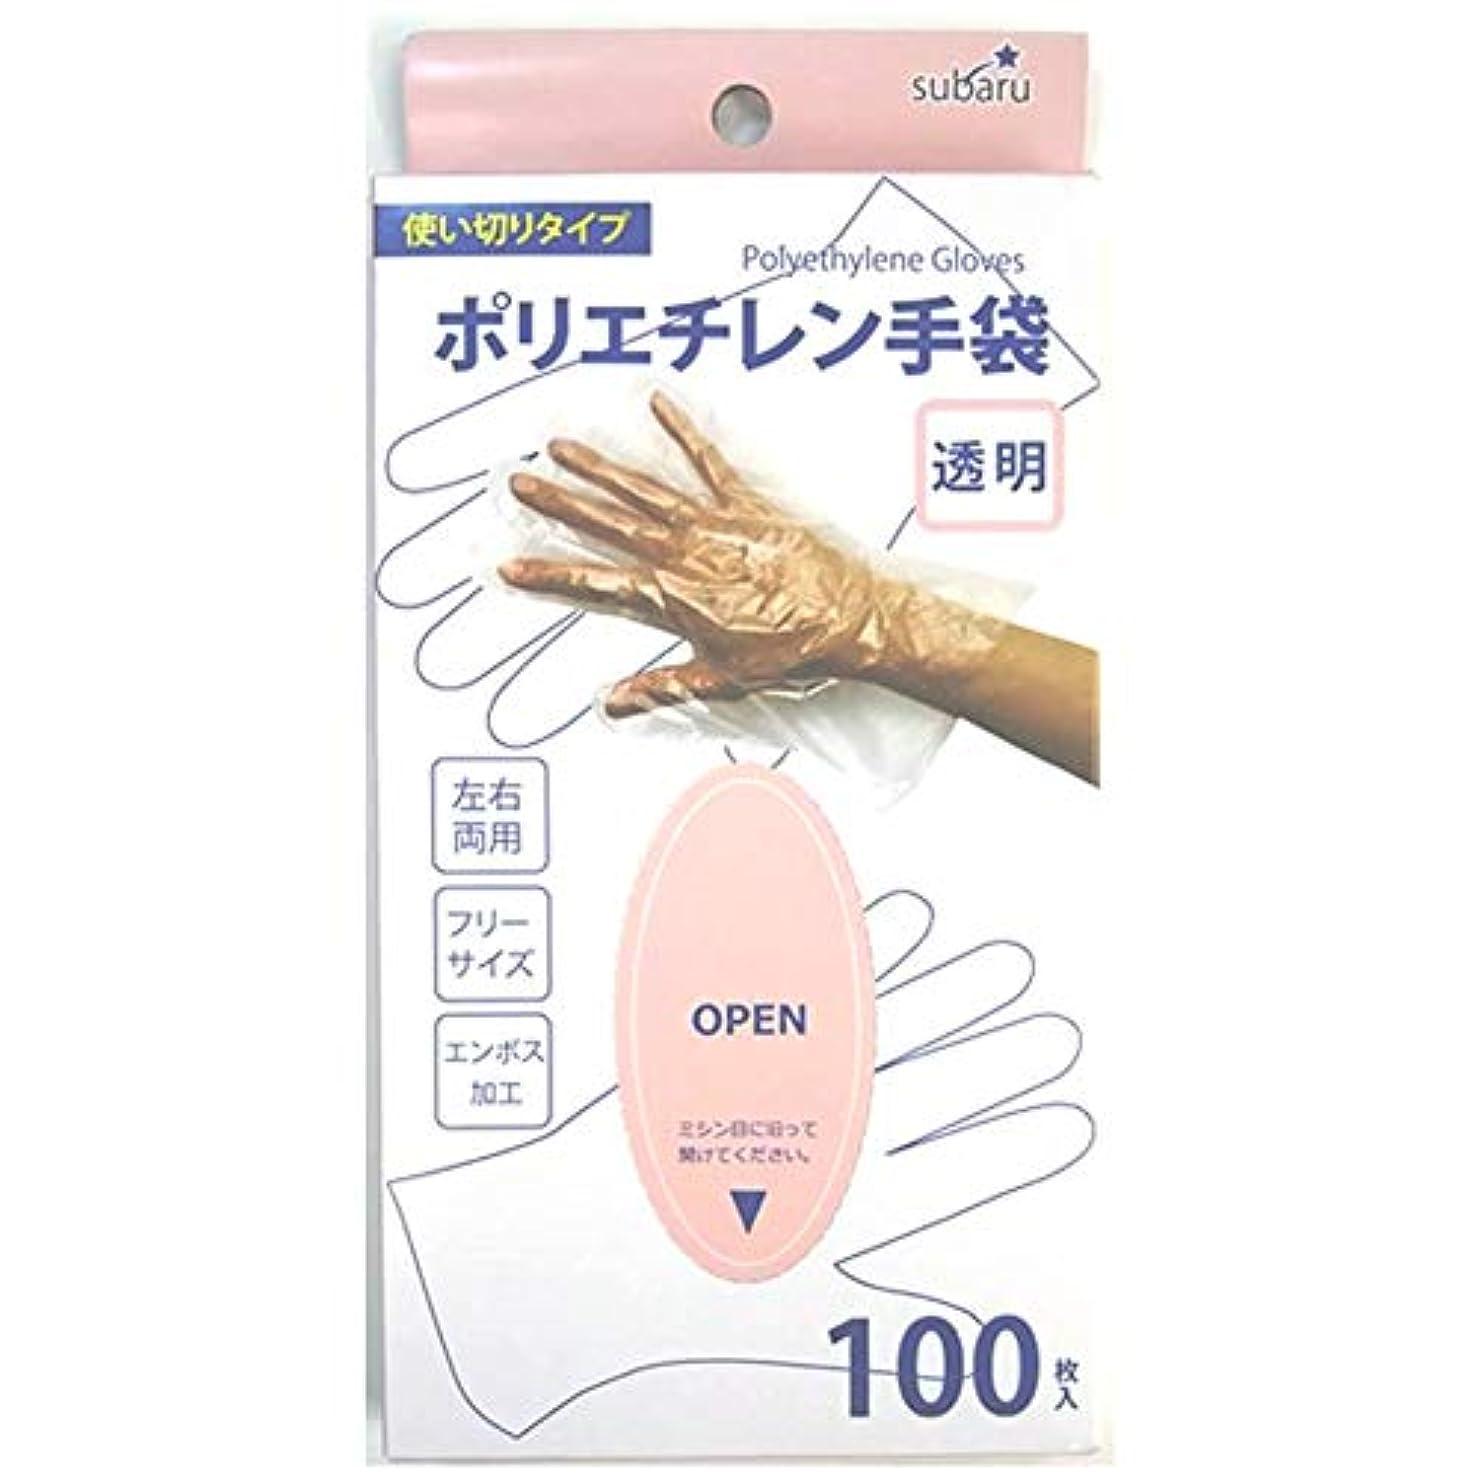 キルト繁栄パートナーポリエチレン手袋 透明100枚入 227-29【まとめ買い12個セット】